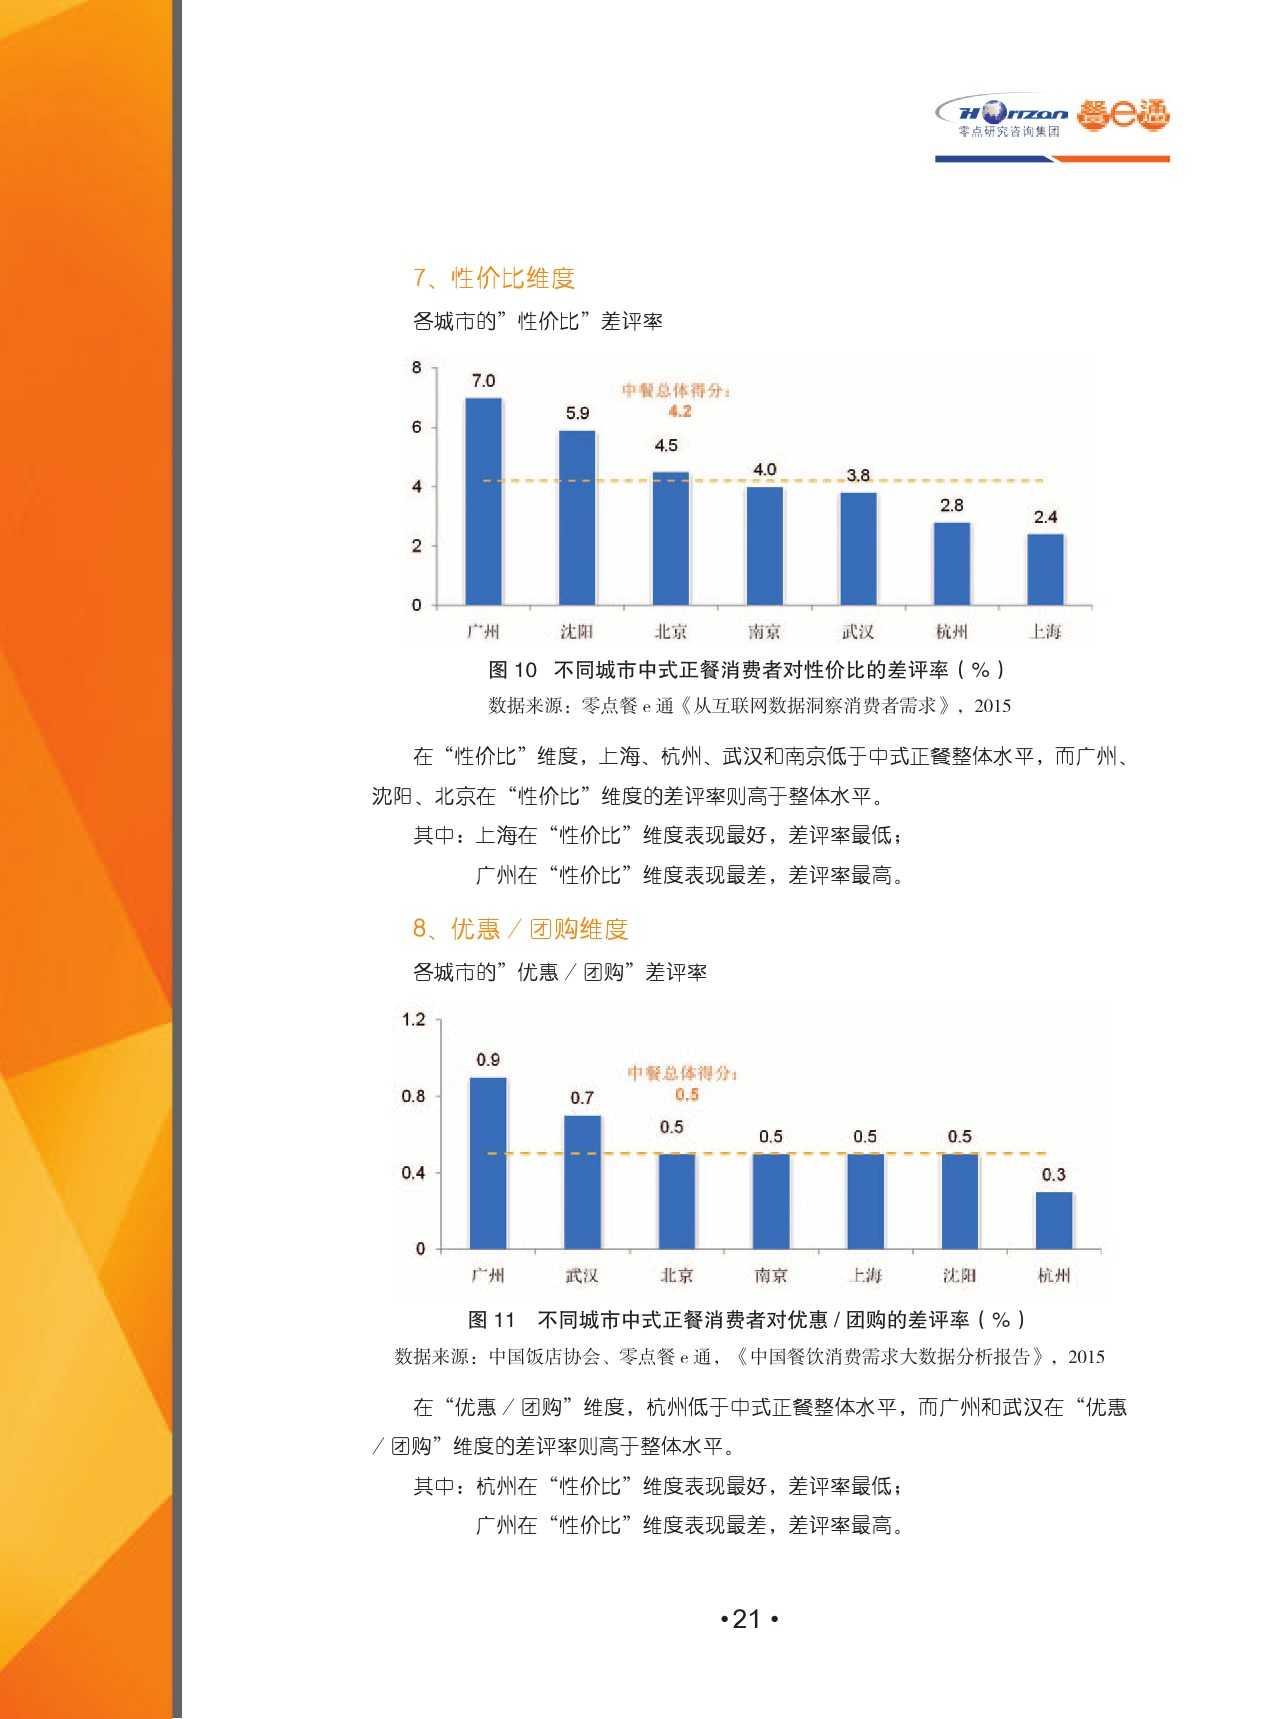 2015中国餐饮消费需求大数据分析报告_000023